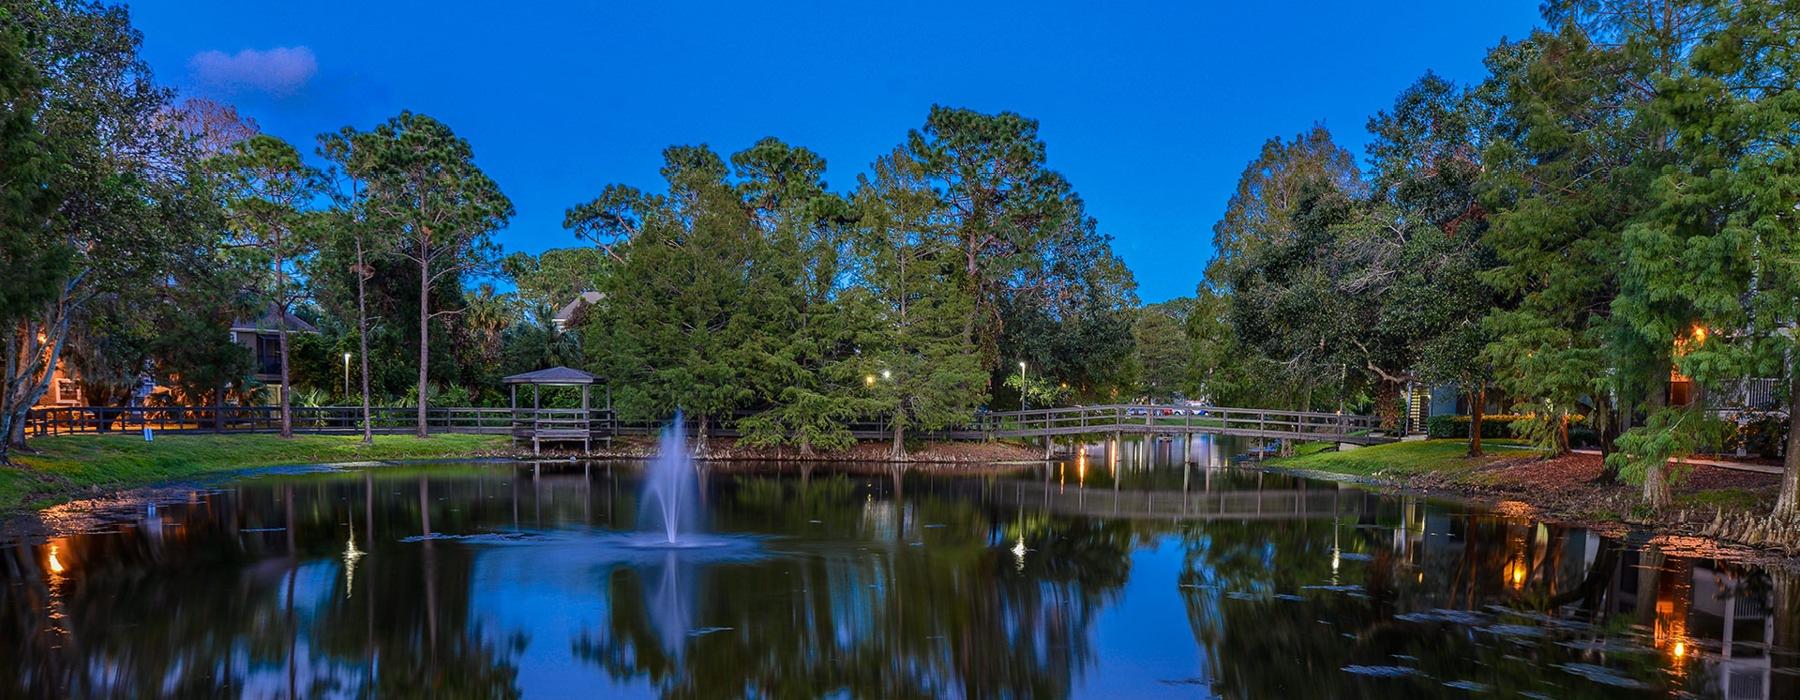 lake at stonbrook apartments